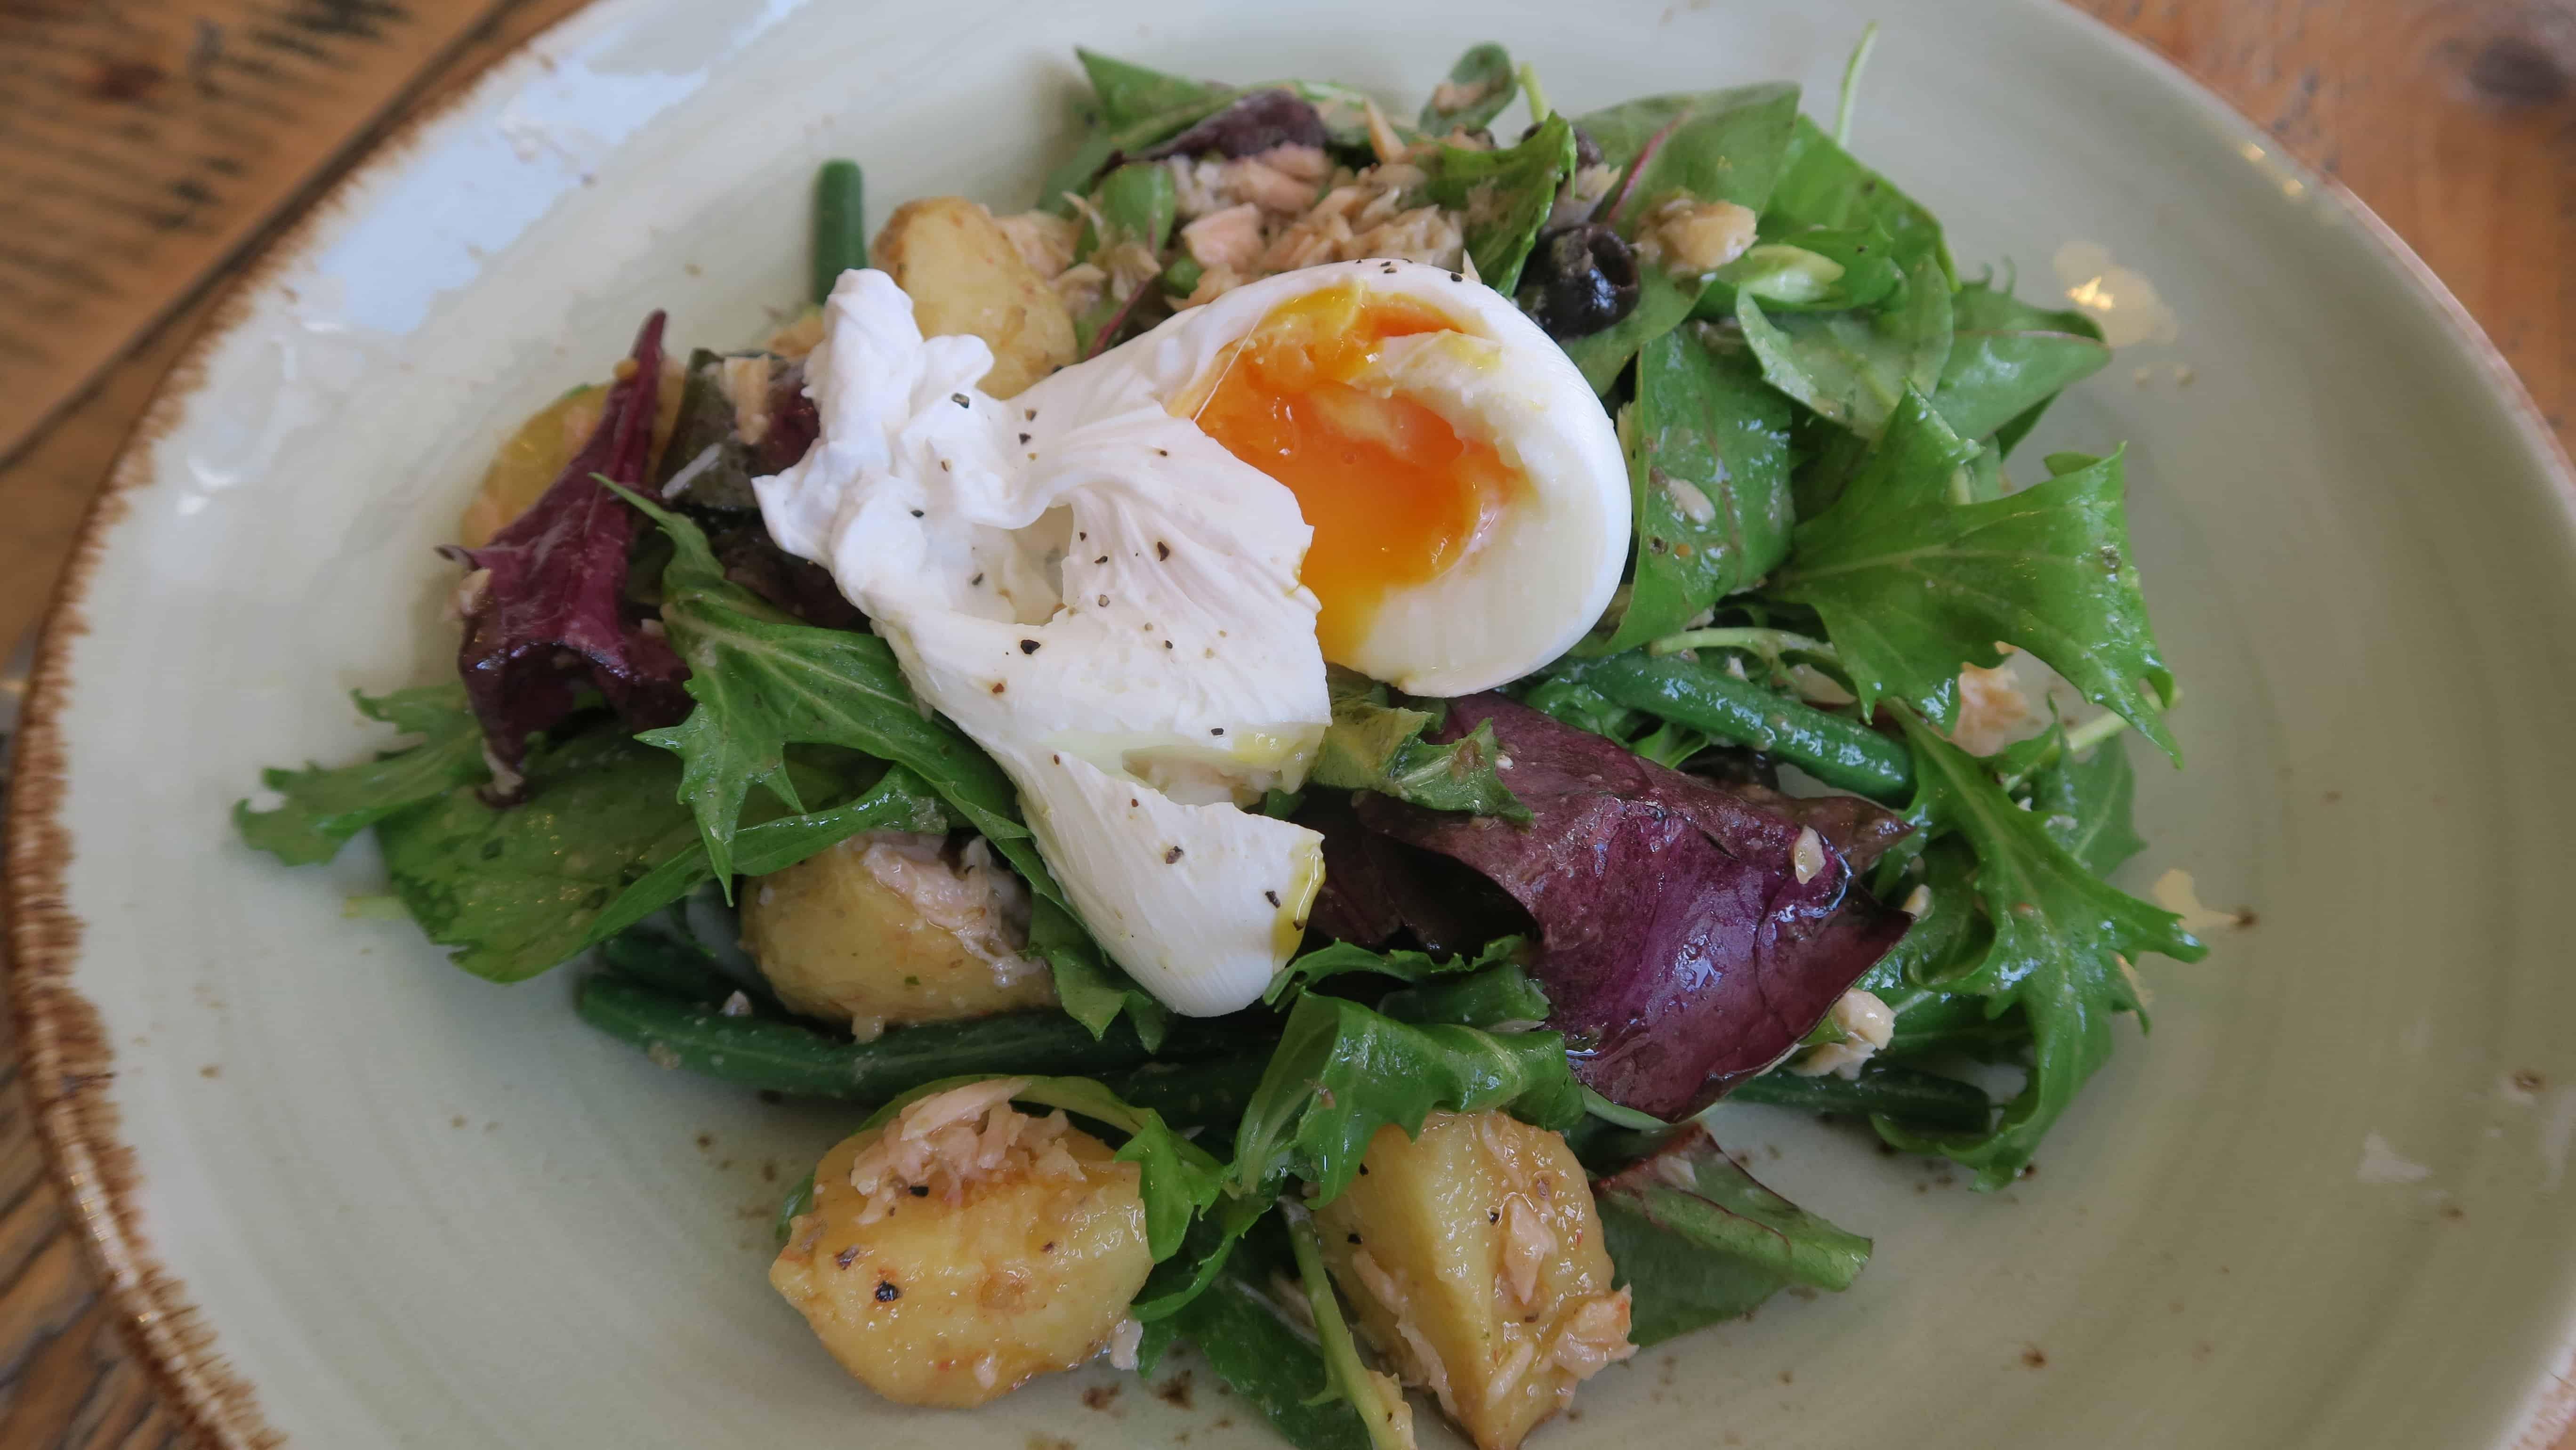 Gluten free salad at Boston Tea Party, Barnstaple